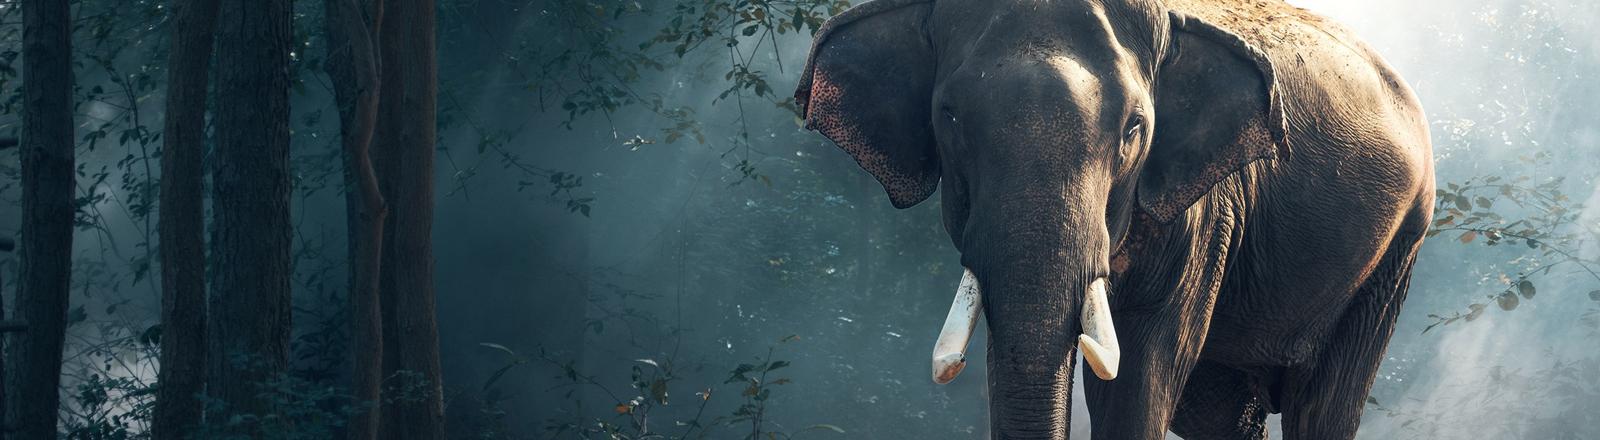 Ein indischer Elefant im Wald.